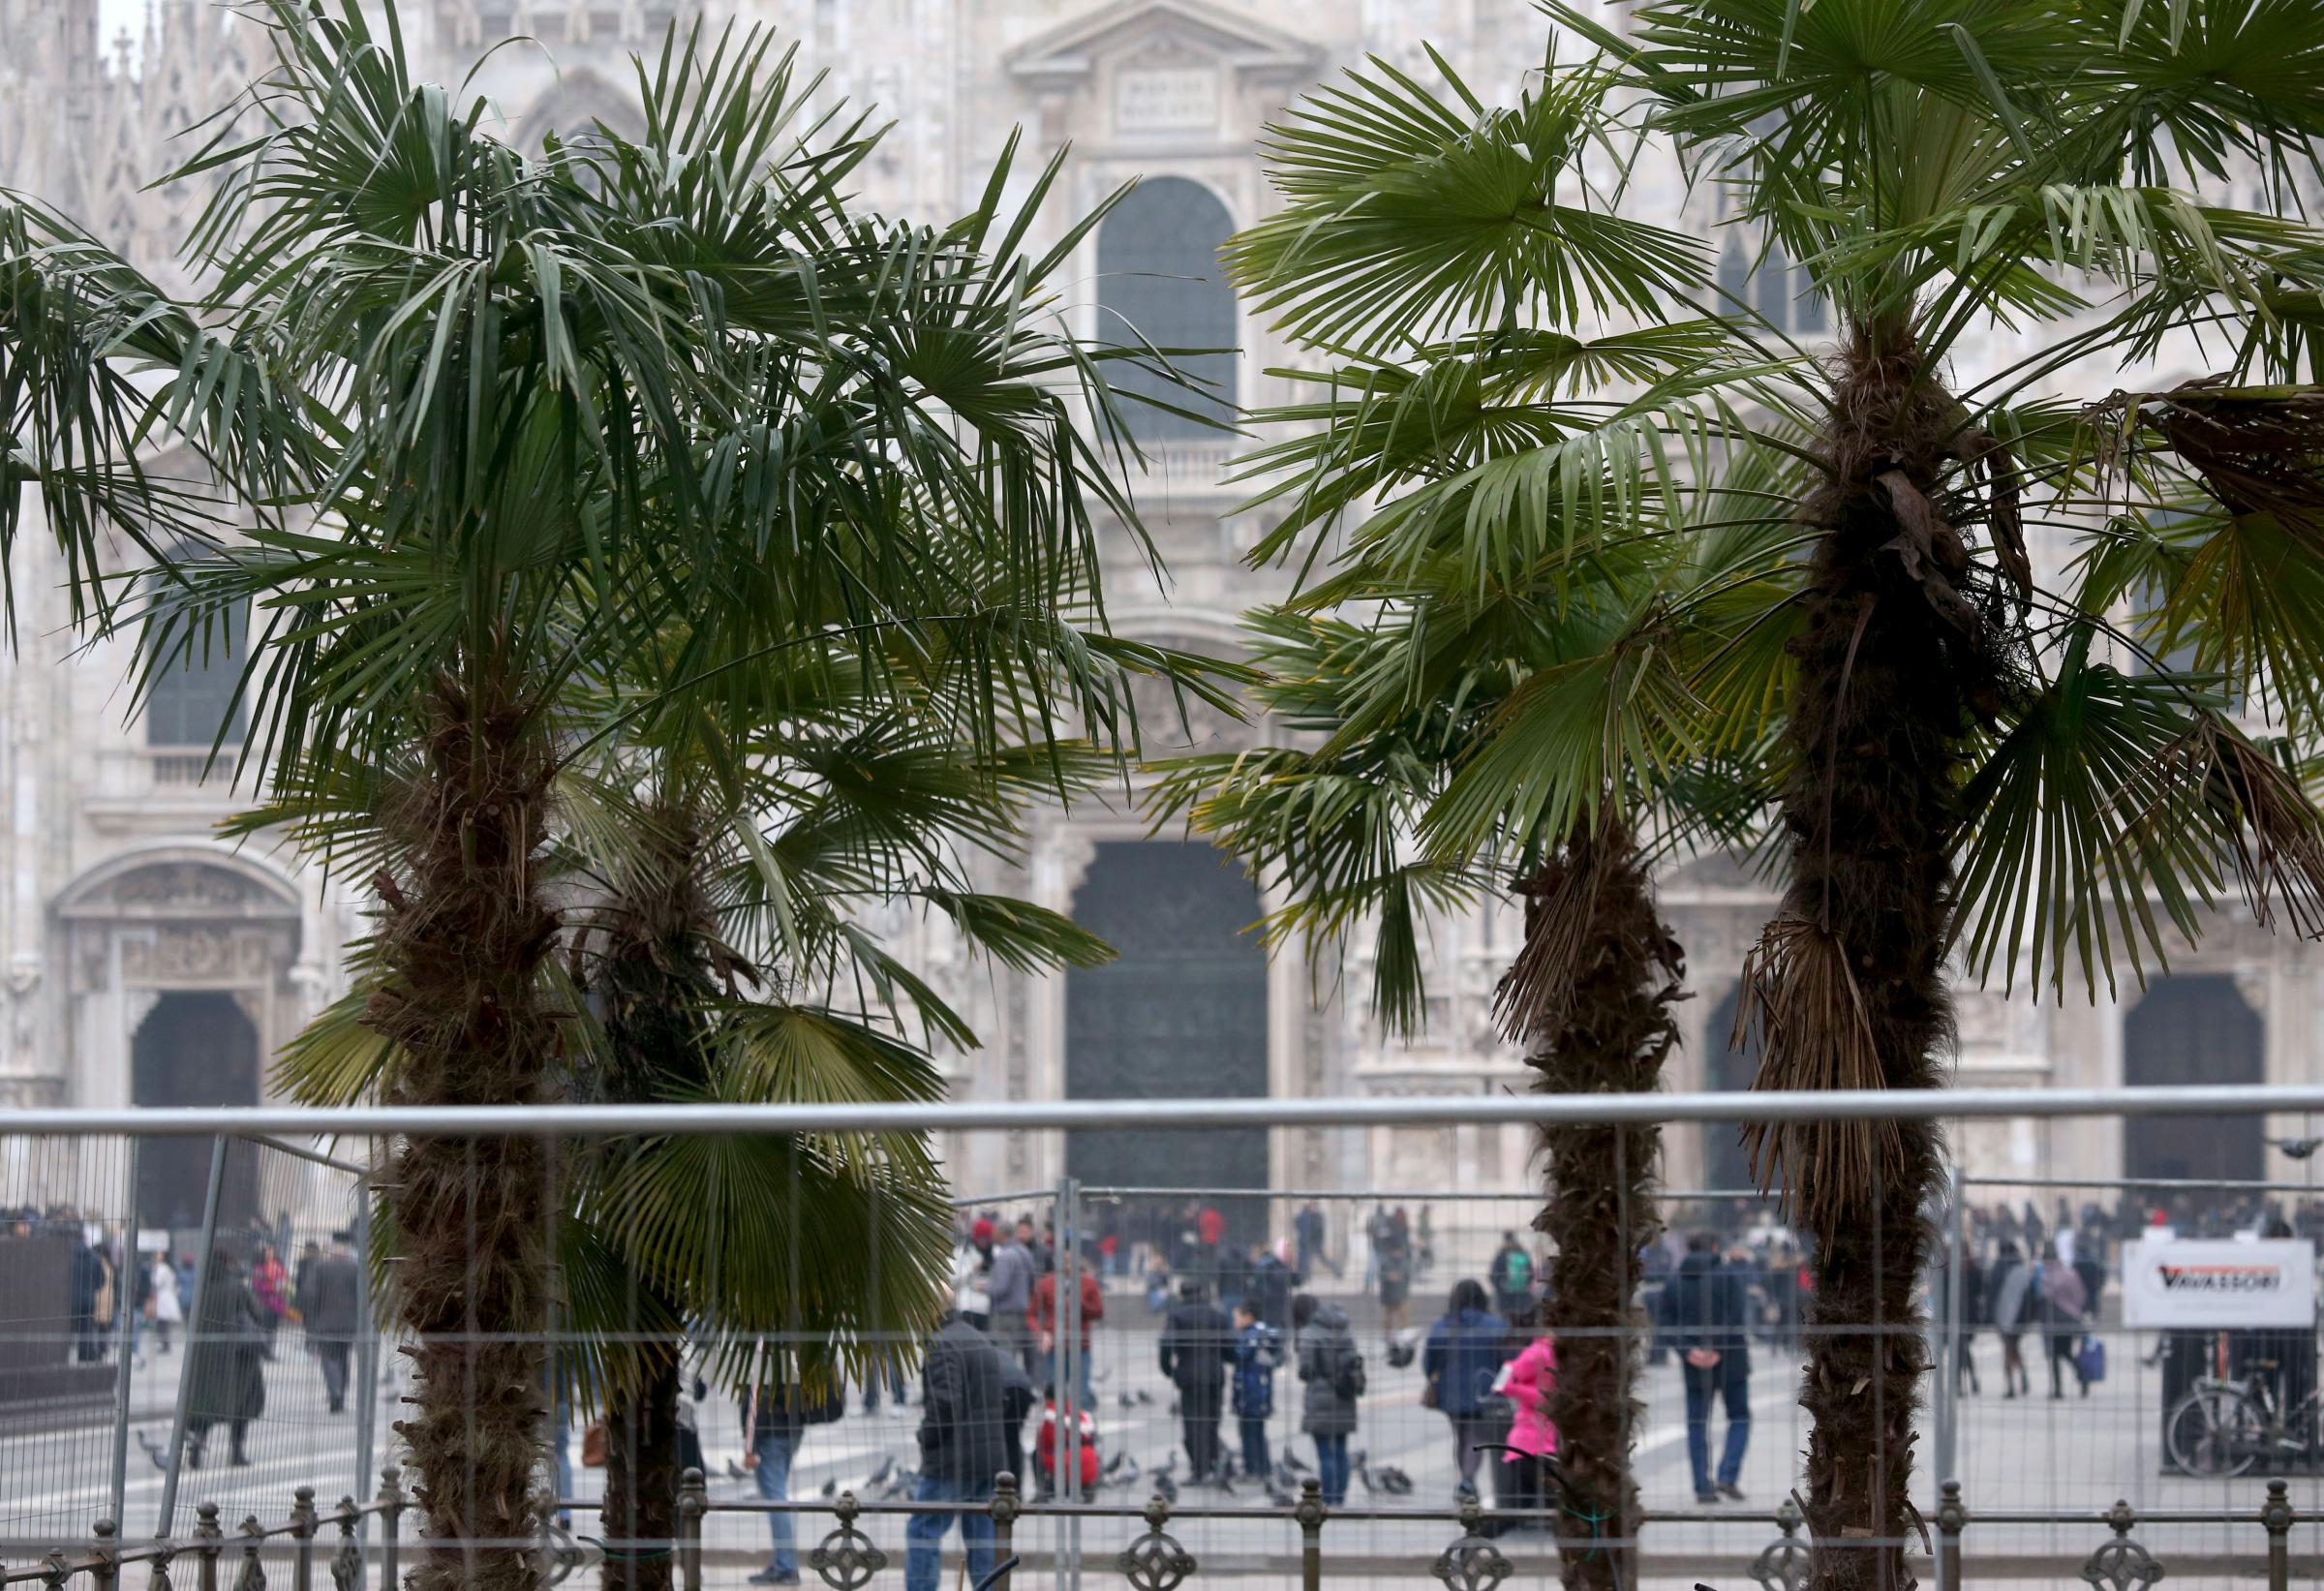 Palme in Piazza Duomo a Milano, polemiche: islamizzazione della città?